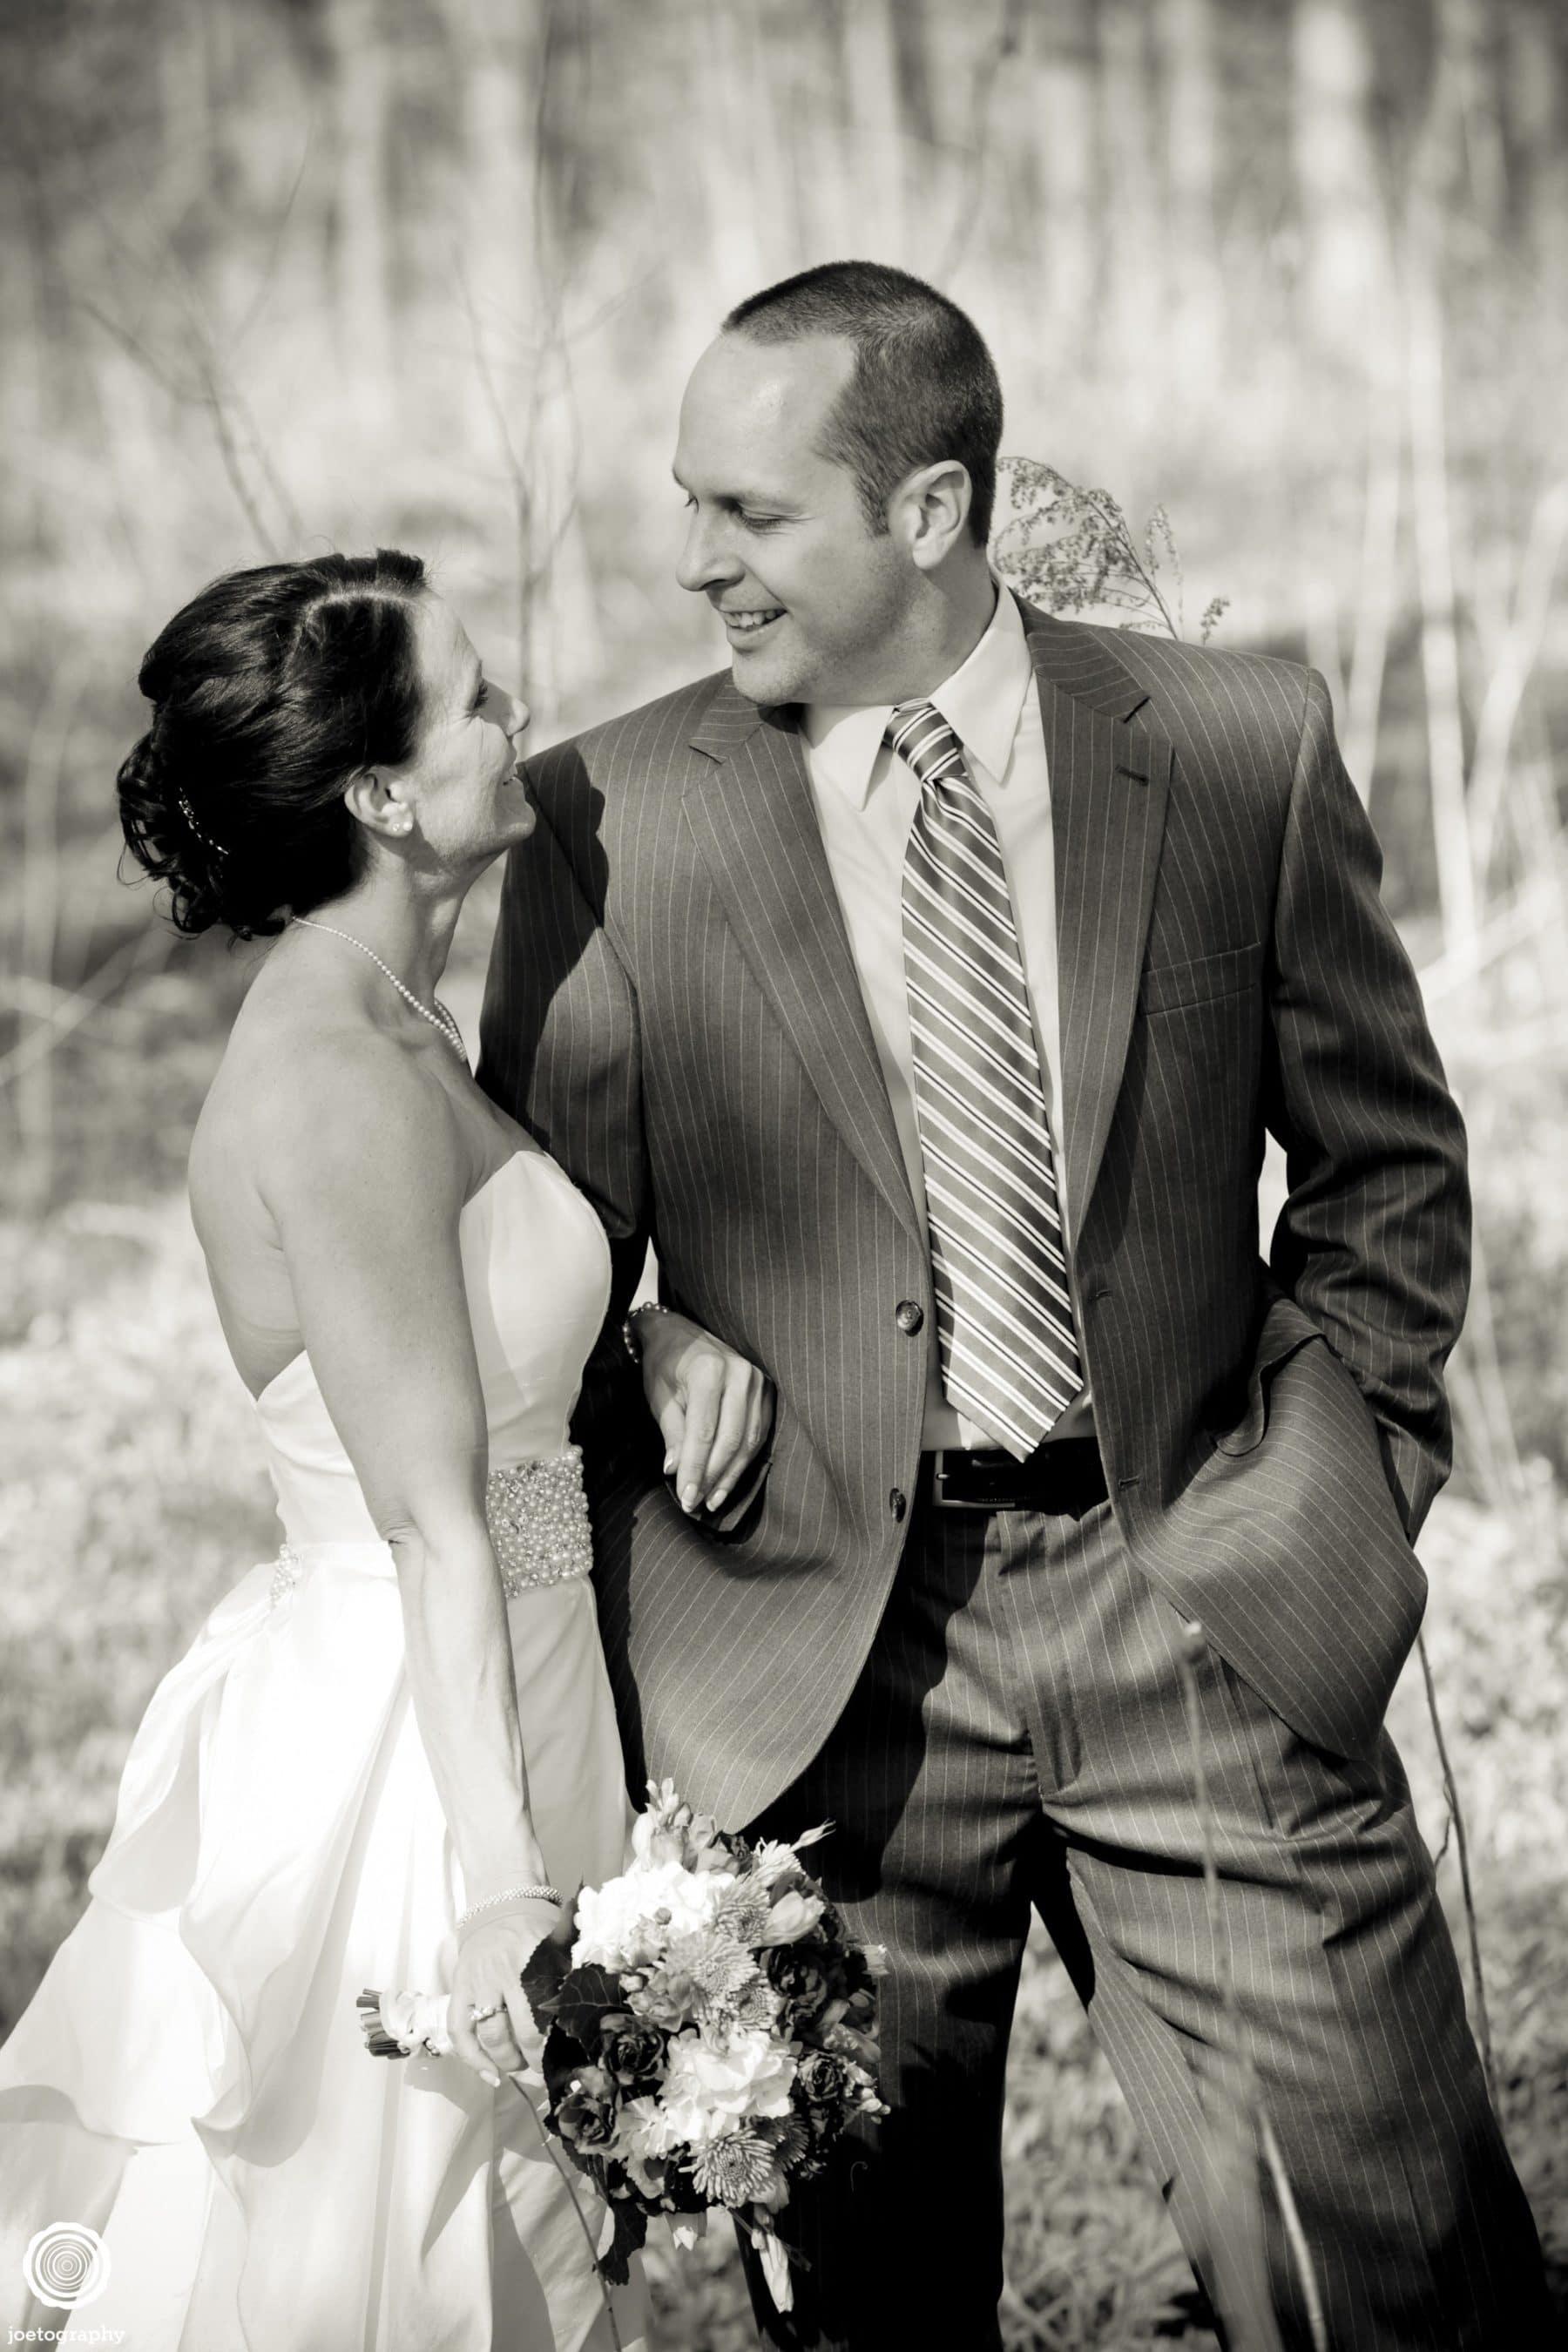 Beedles-Wedding-Photos-Naperville-Illinois-21